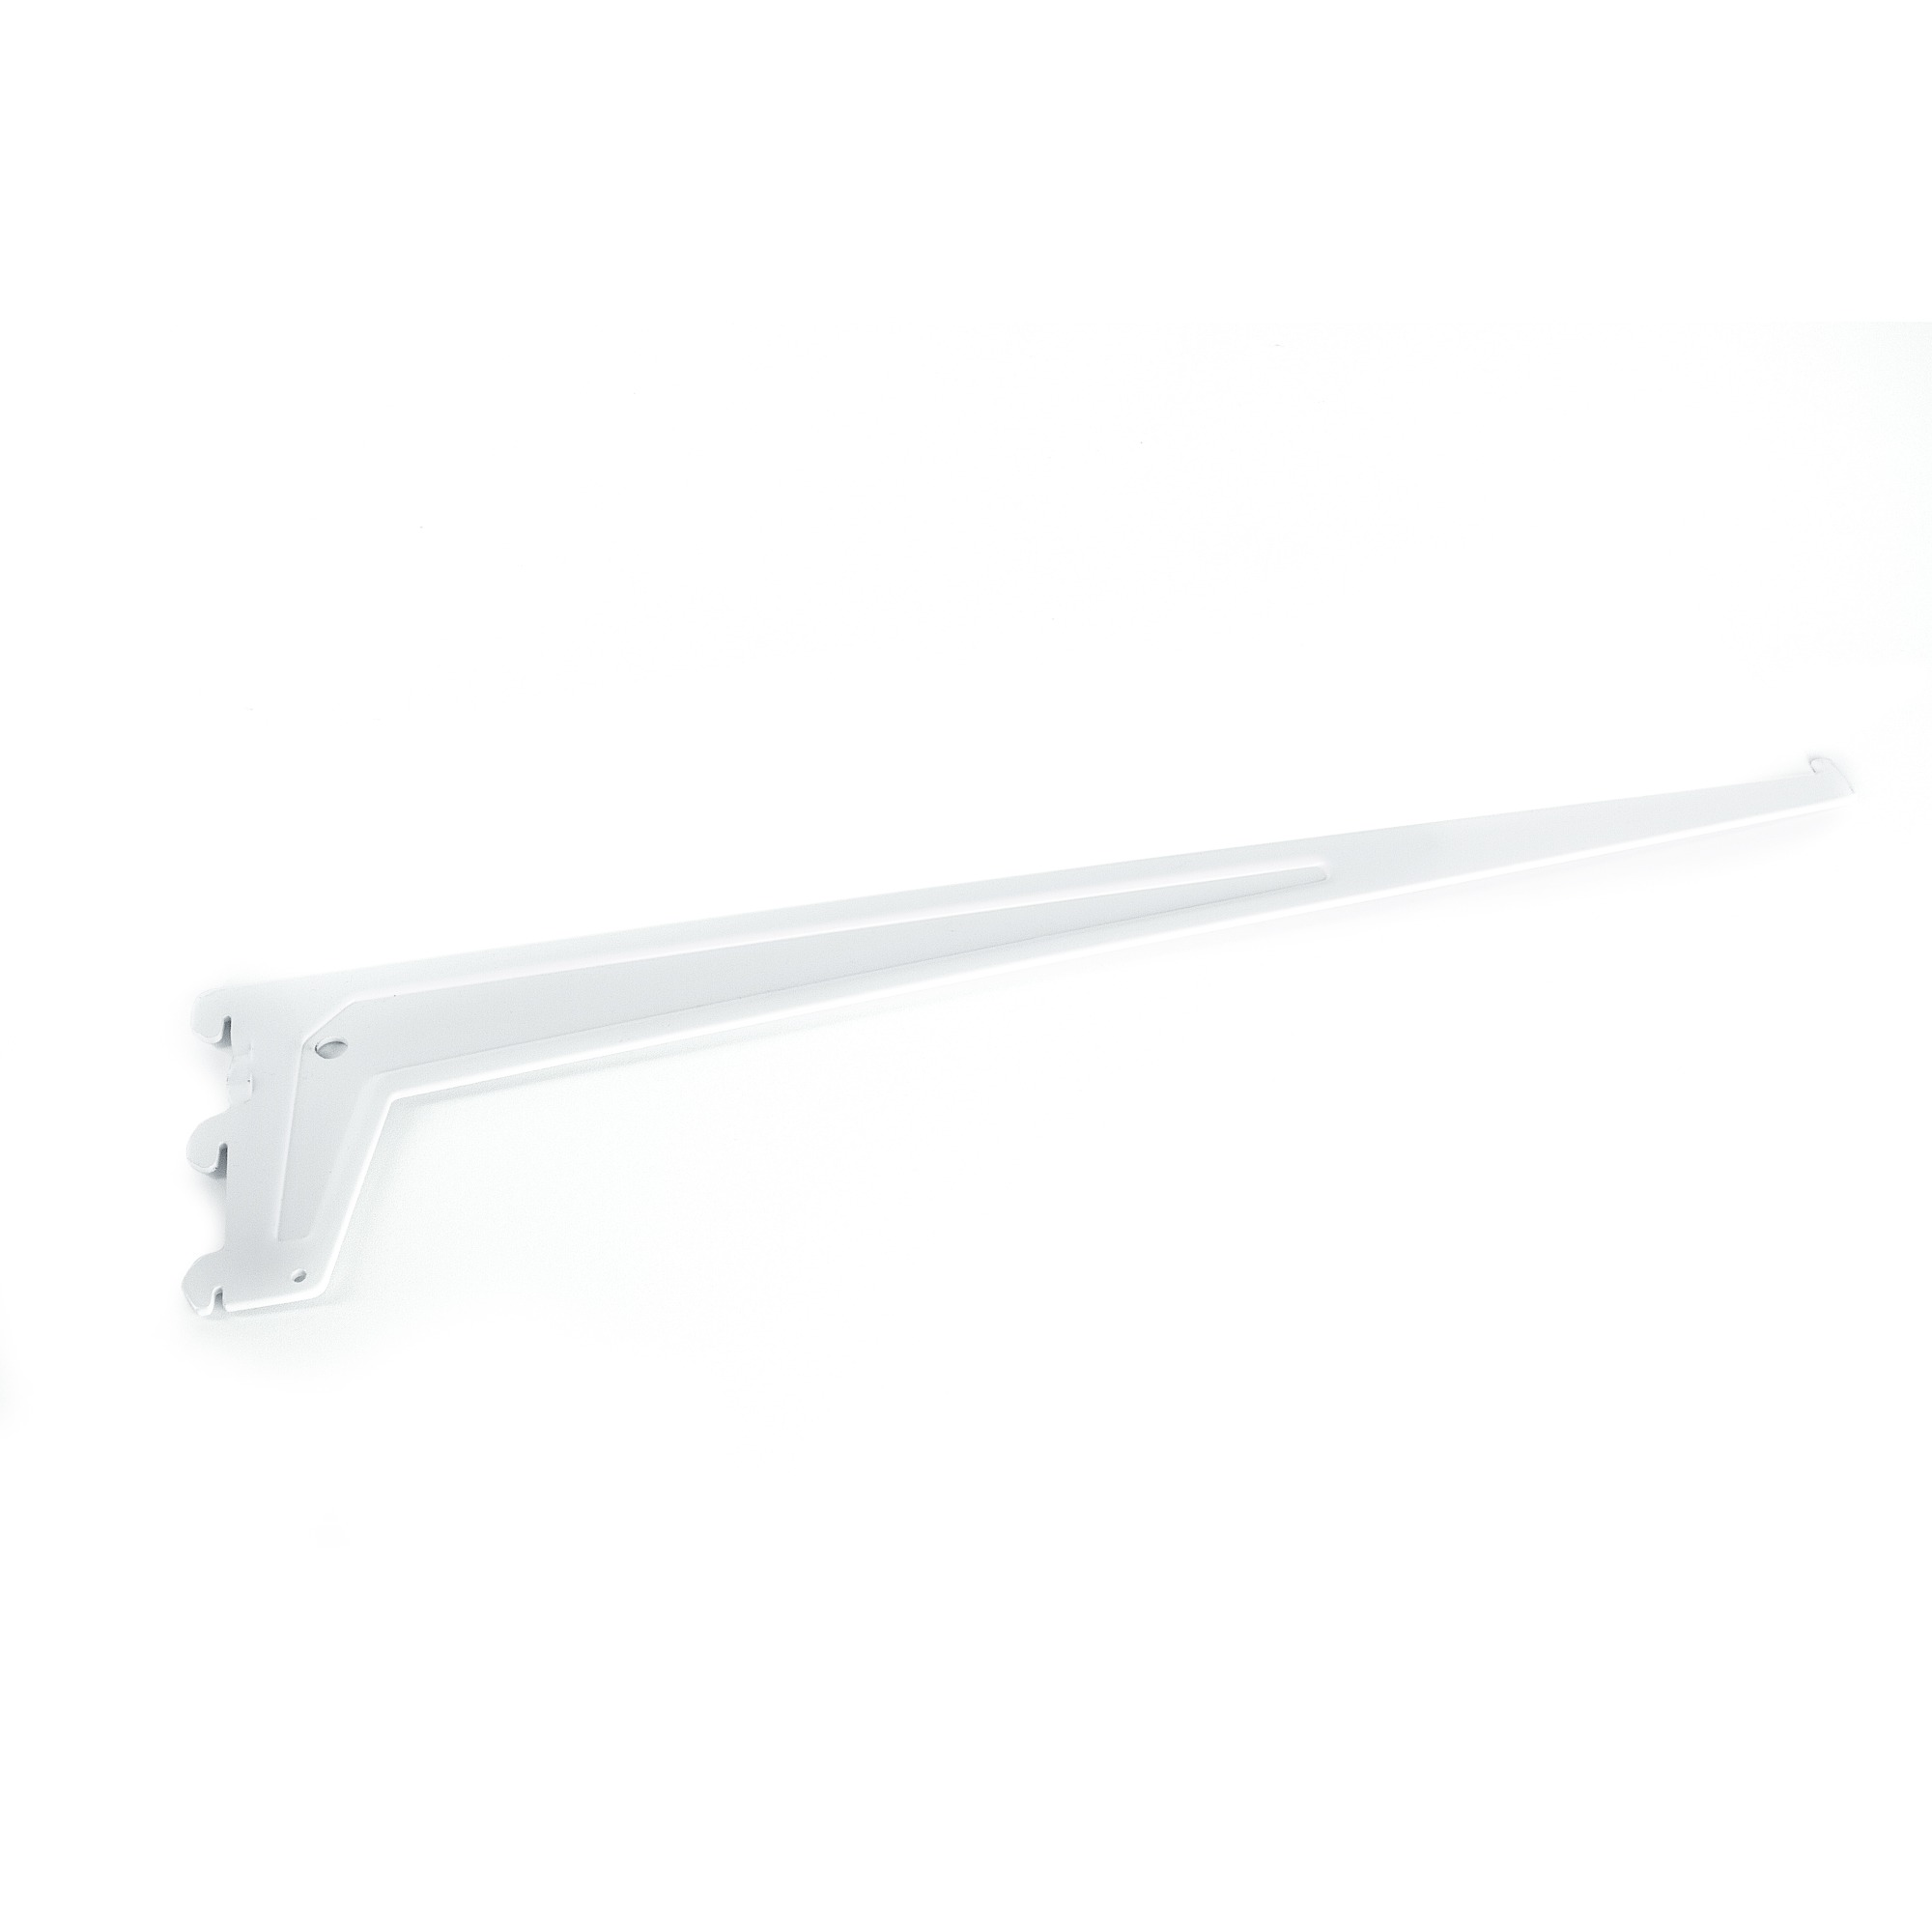 Suporte para Trilho Meia-Cana 50 cm Branco - Fico